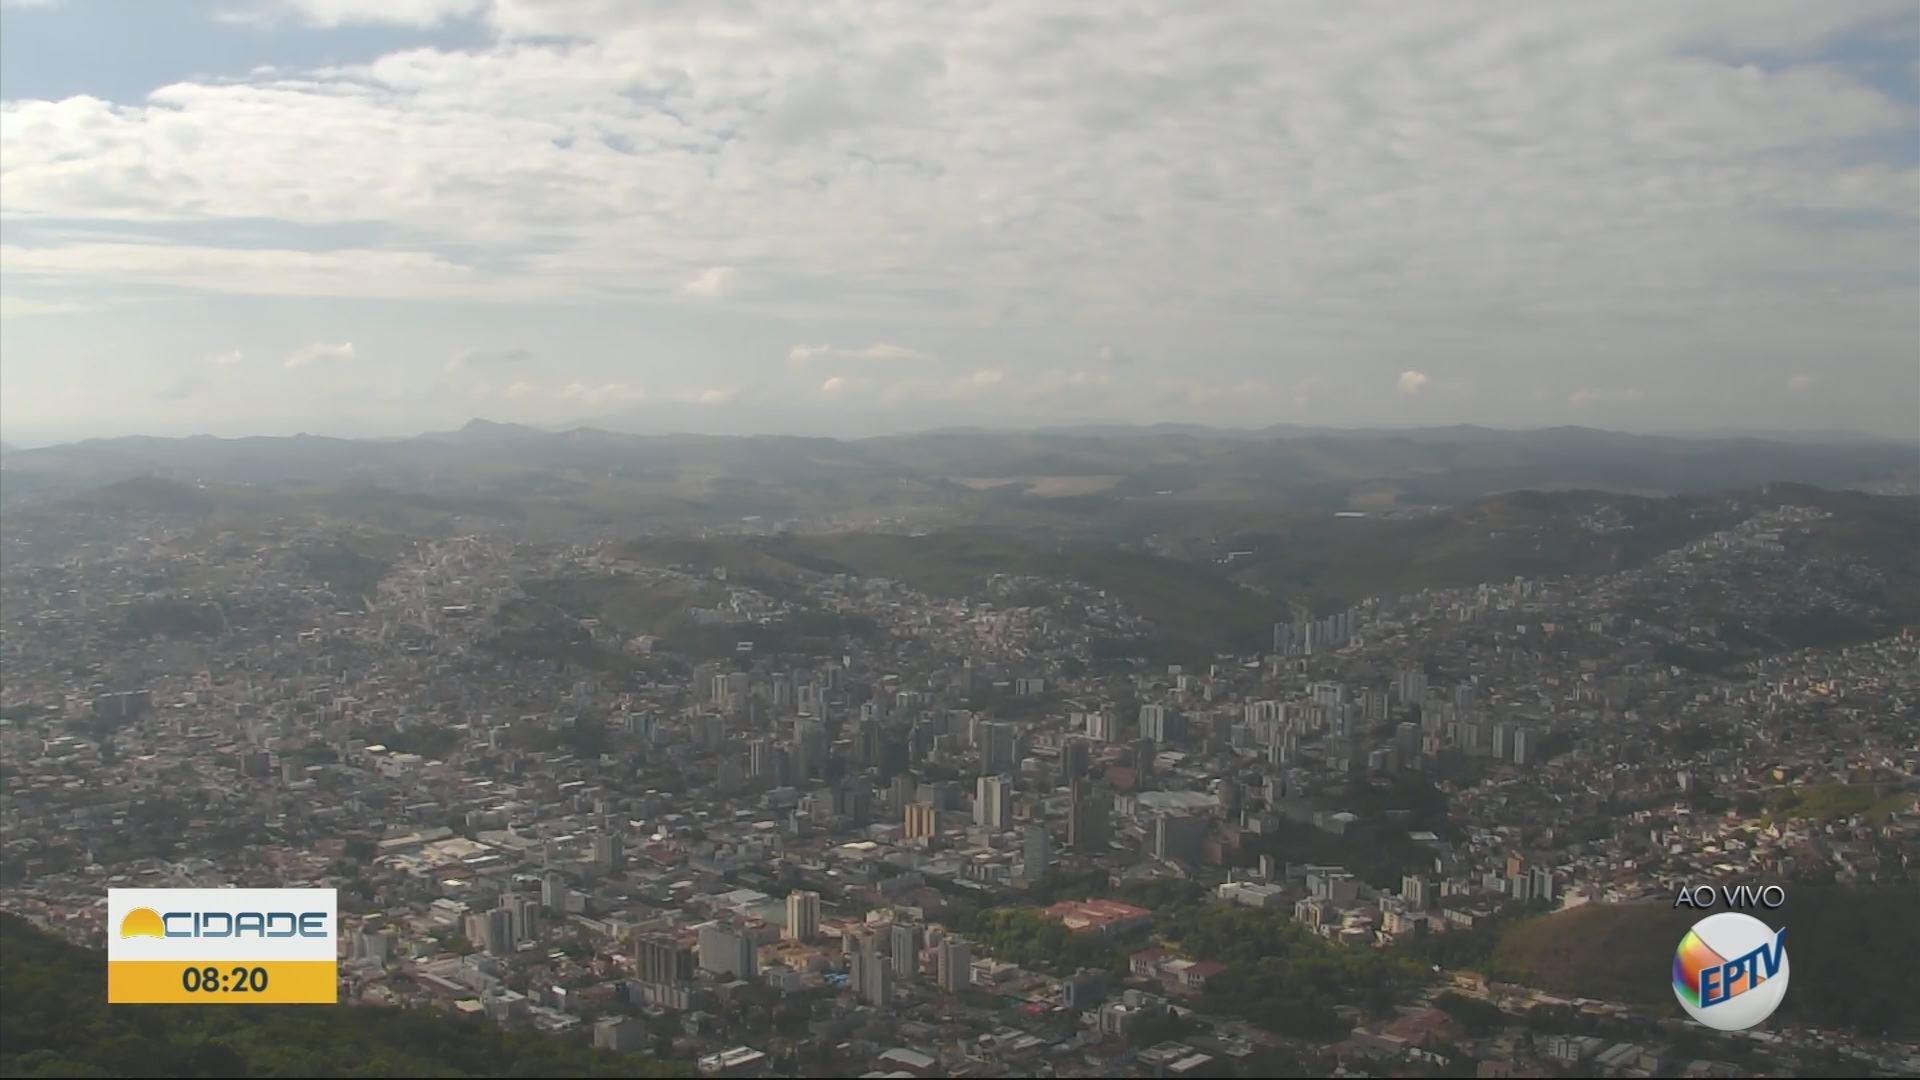 VÍDEOS: Bom Dia Cidade Sul de Minas de quinta-feira, 22 de outubro